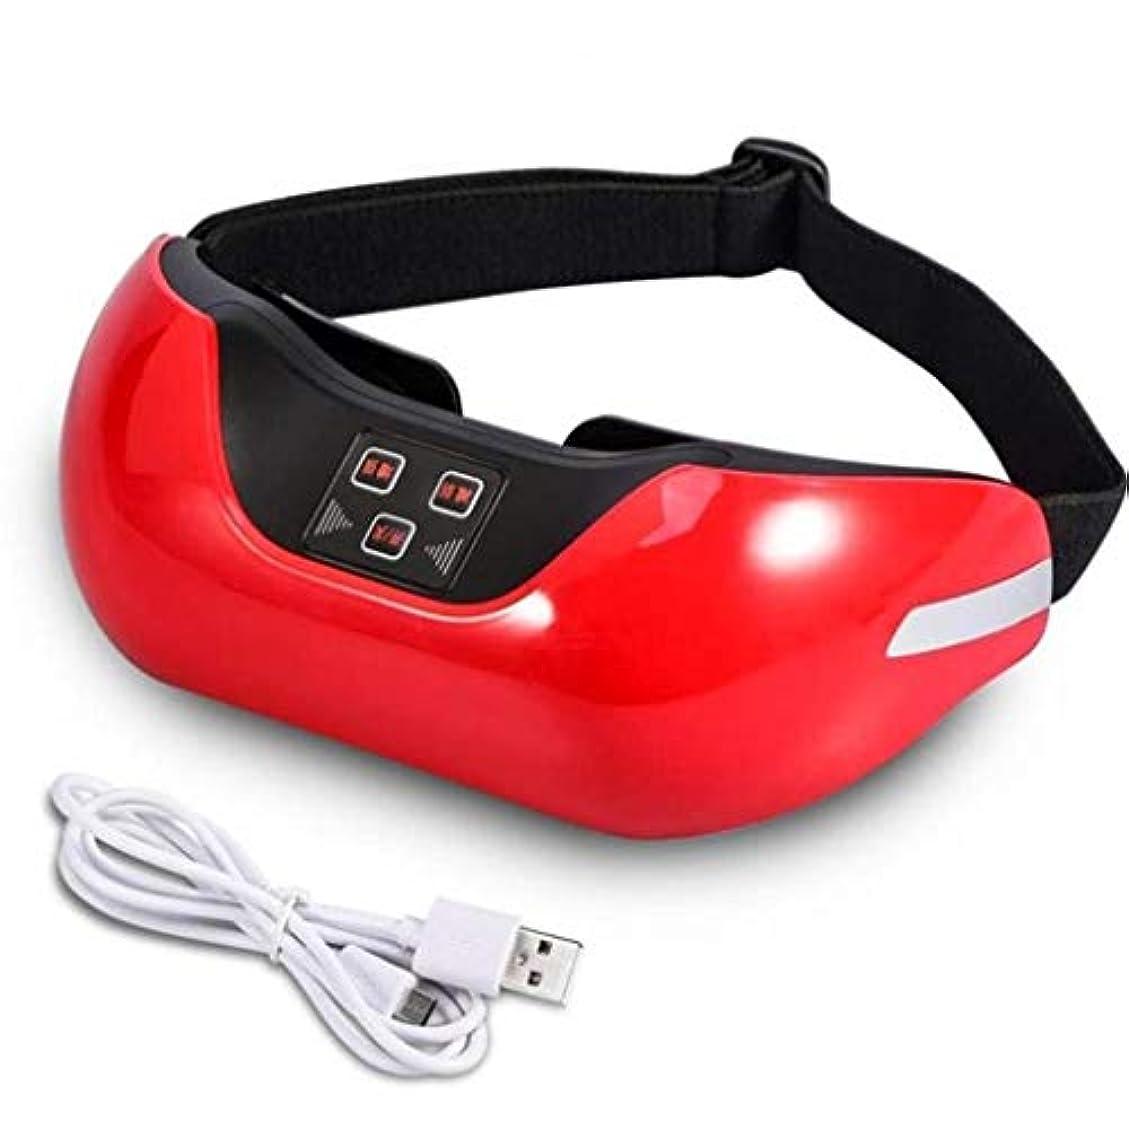 原油エンディング証書アイマッサージャー、ワイヤレス3D充電式グリーンアイリカバリービジョン電動マッサージャー、修復ビジョンマッサージャー、アイケアツールは血液循環を促進し、疲労を和らげます (Color : Red)